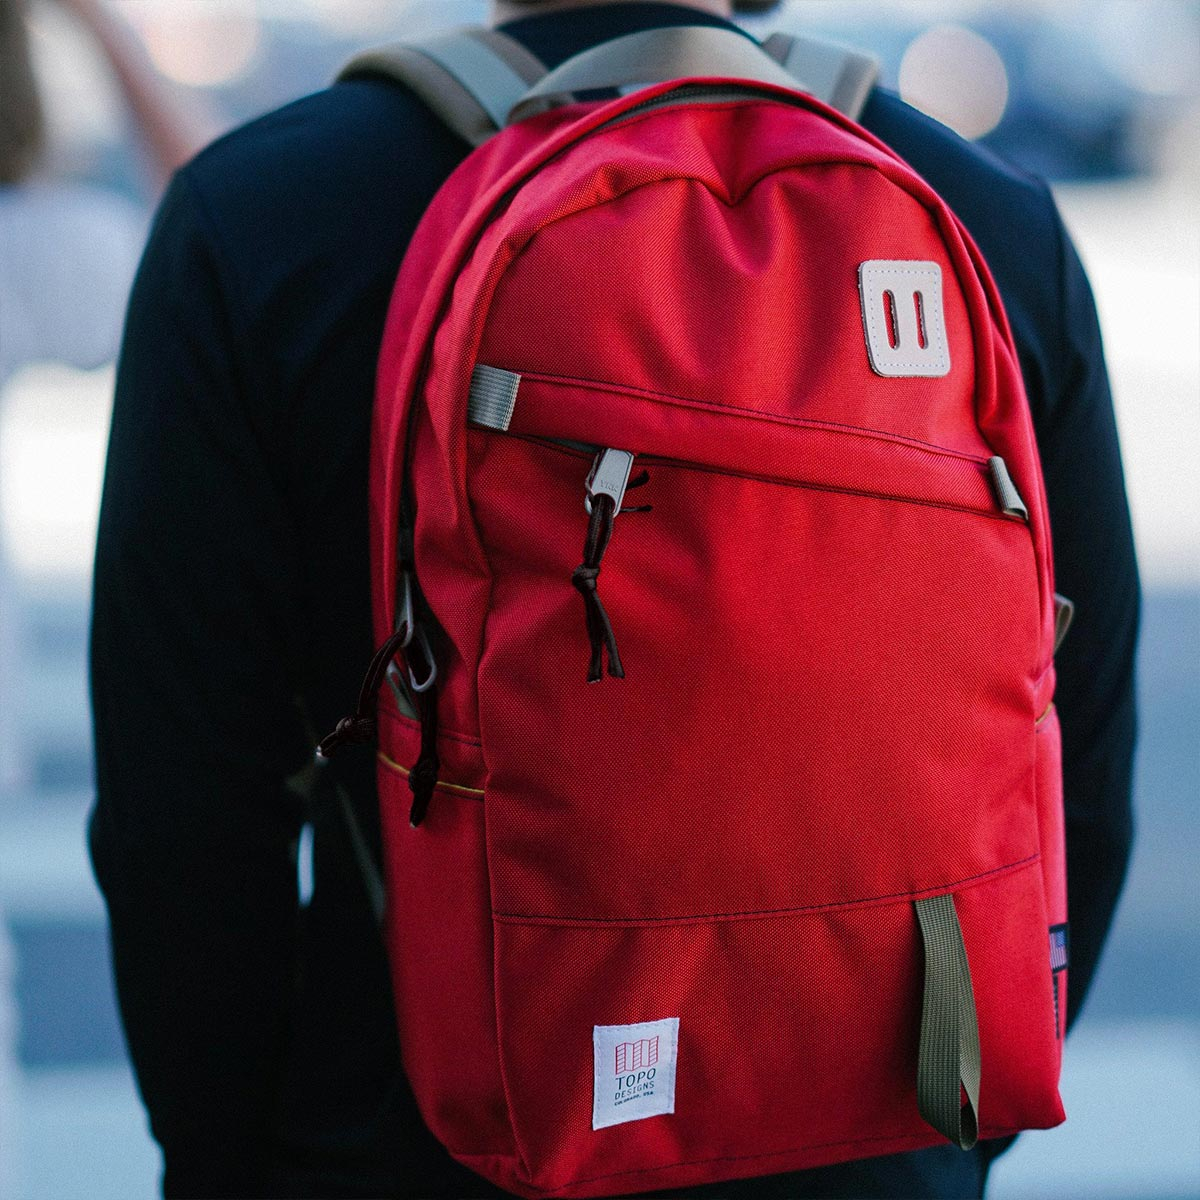 Topo Designs Daypack backpack Red, Idealer Reiserucksack für Reise, Stadt, Arbeit oder Schule.